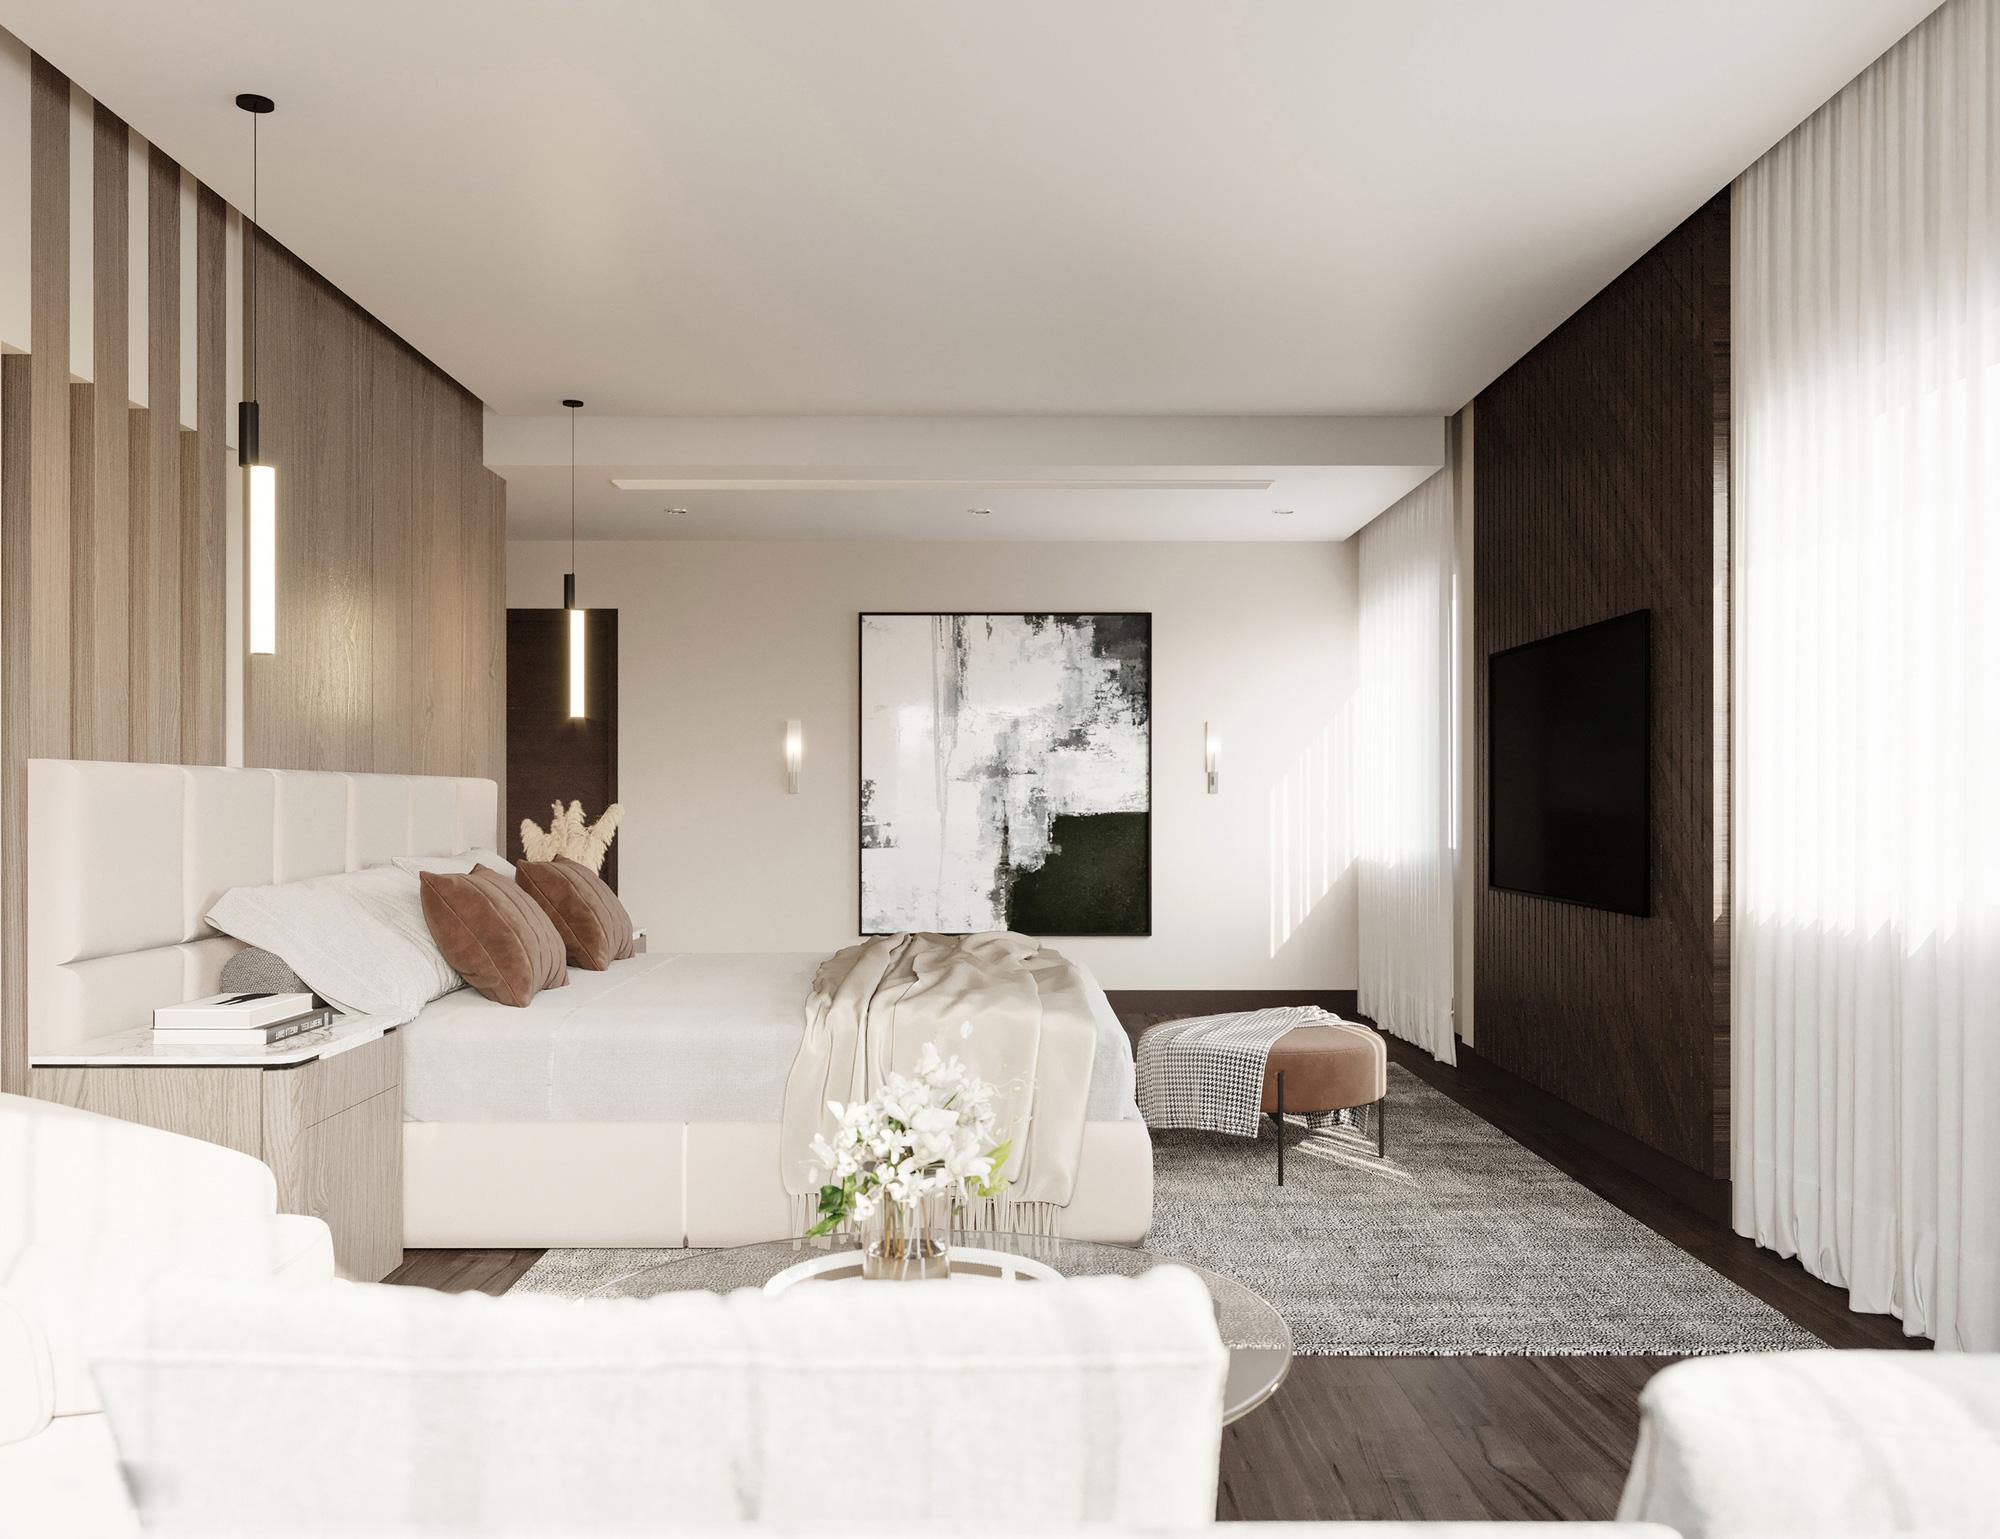 Tư vấn thiết kế nhà cấp 4 mái bằng 150m² chi phí 200 triệu - Ảnh 8.